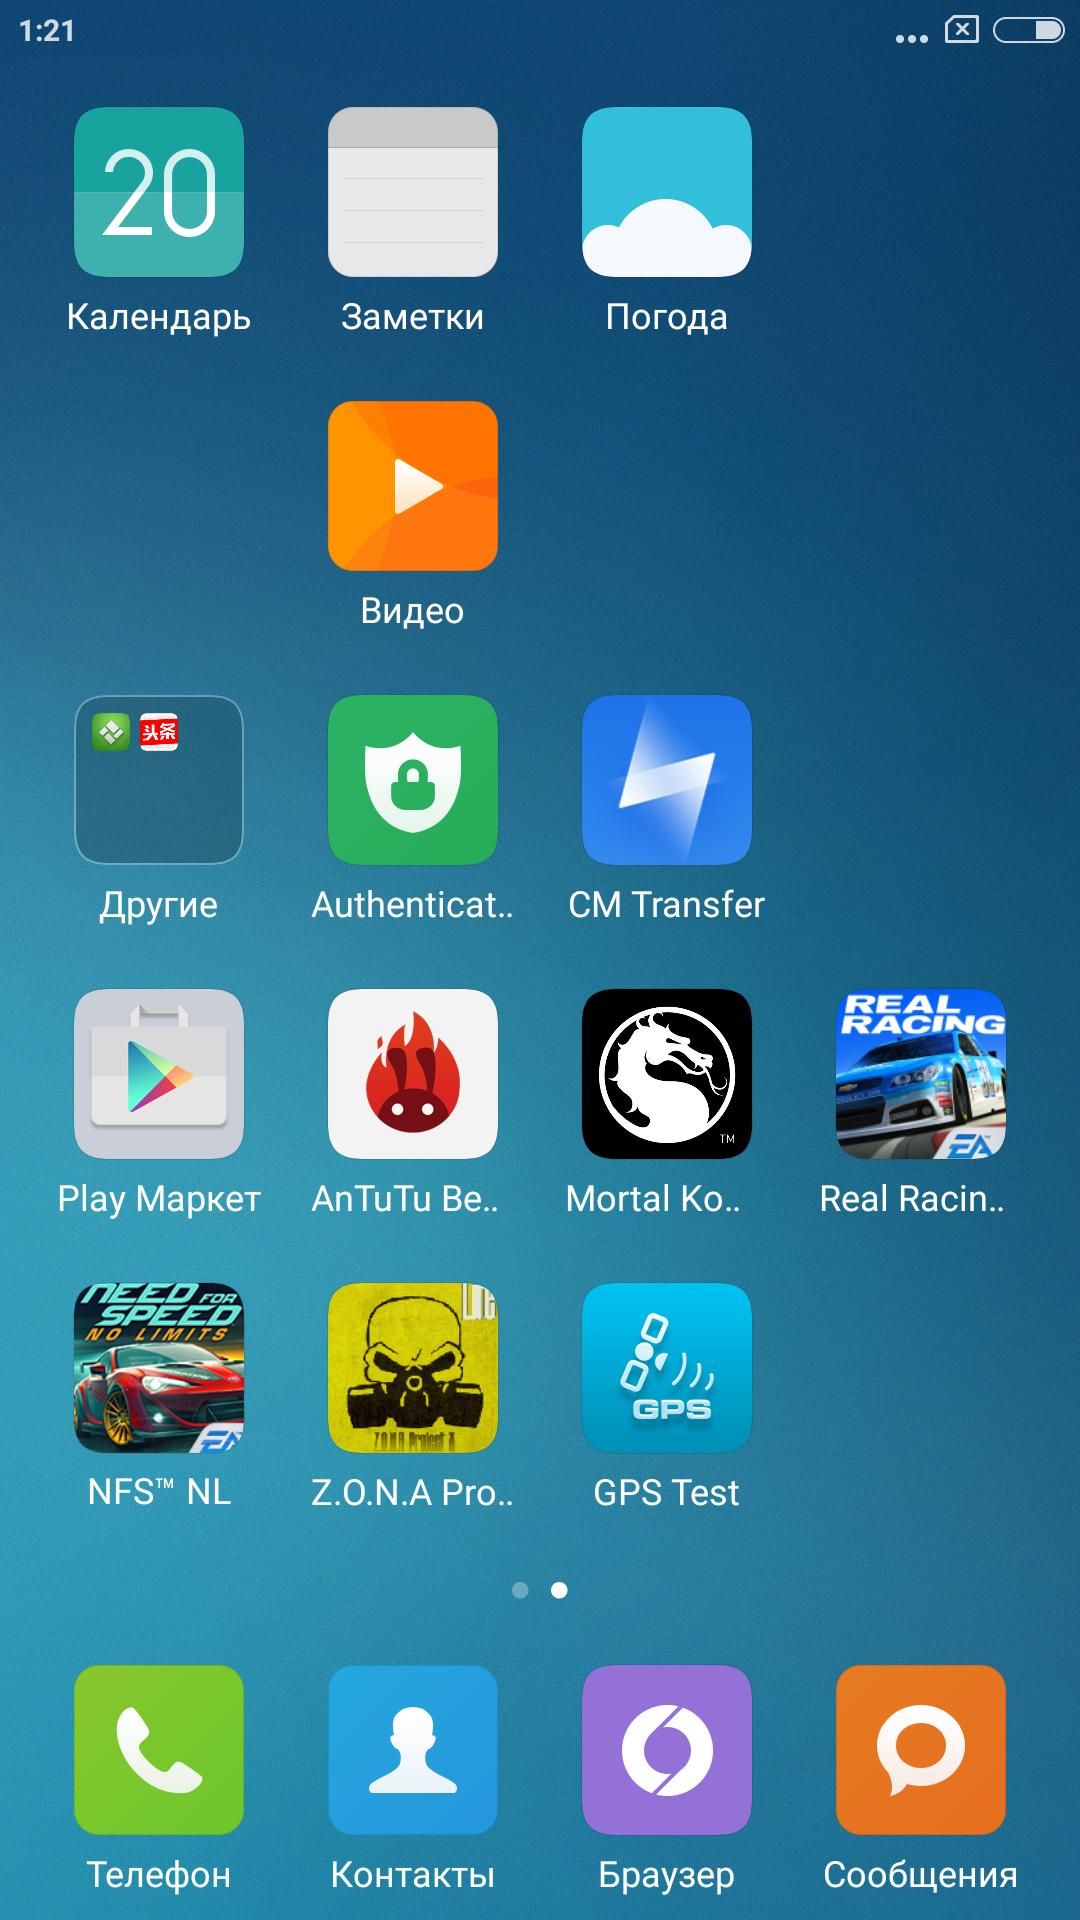 Обзор лучшего бюджетника 2015 года — Xiaomi Redmi Note 2 - 21